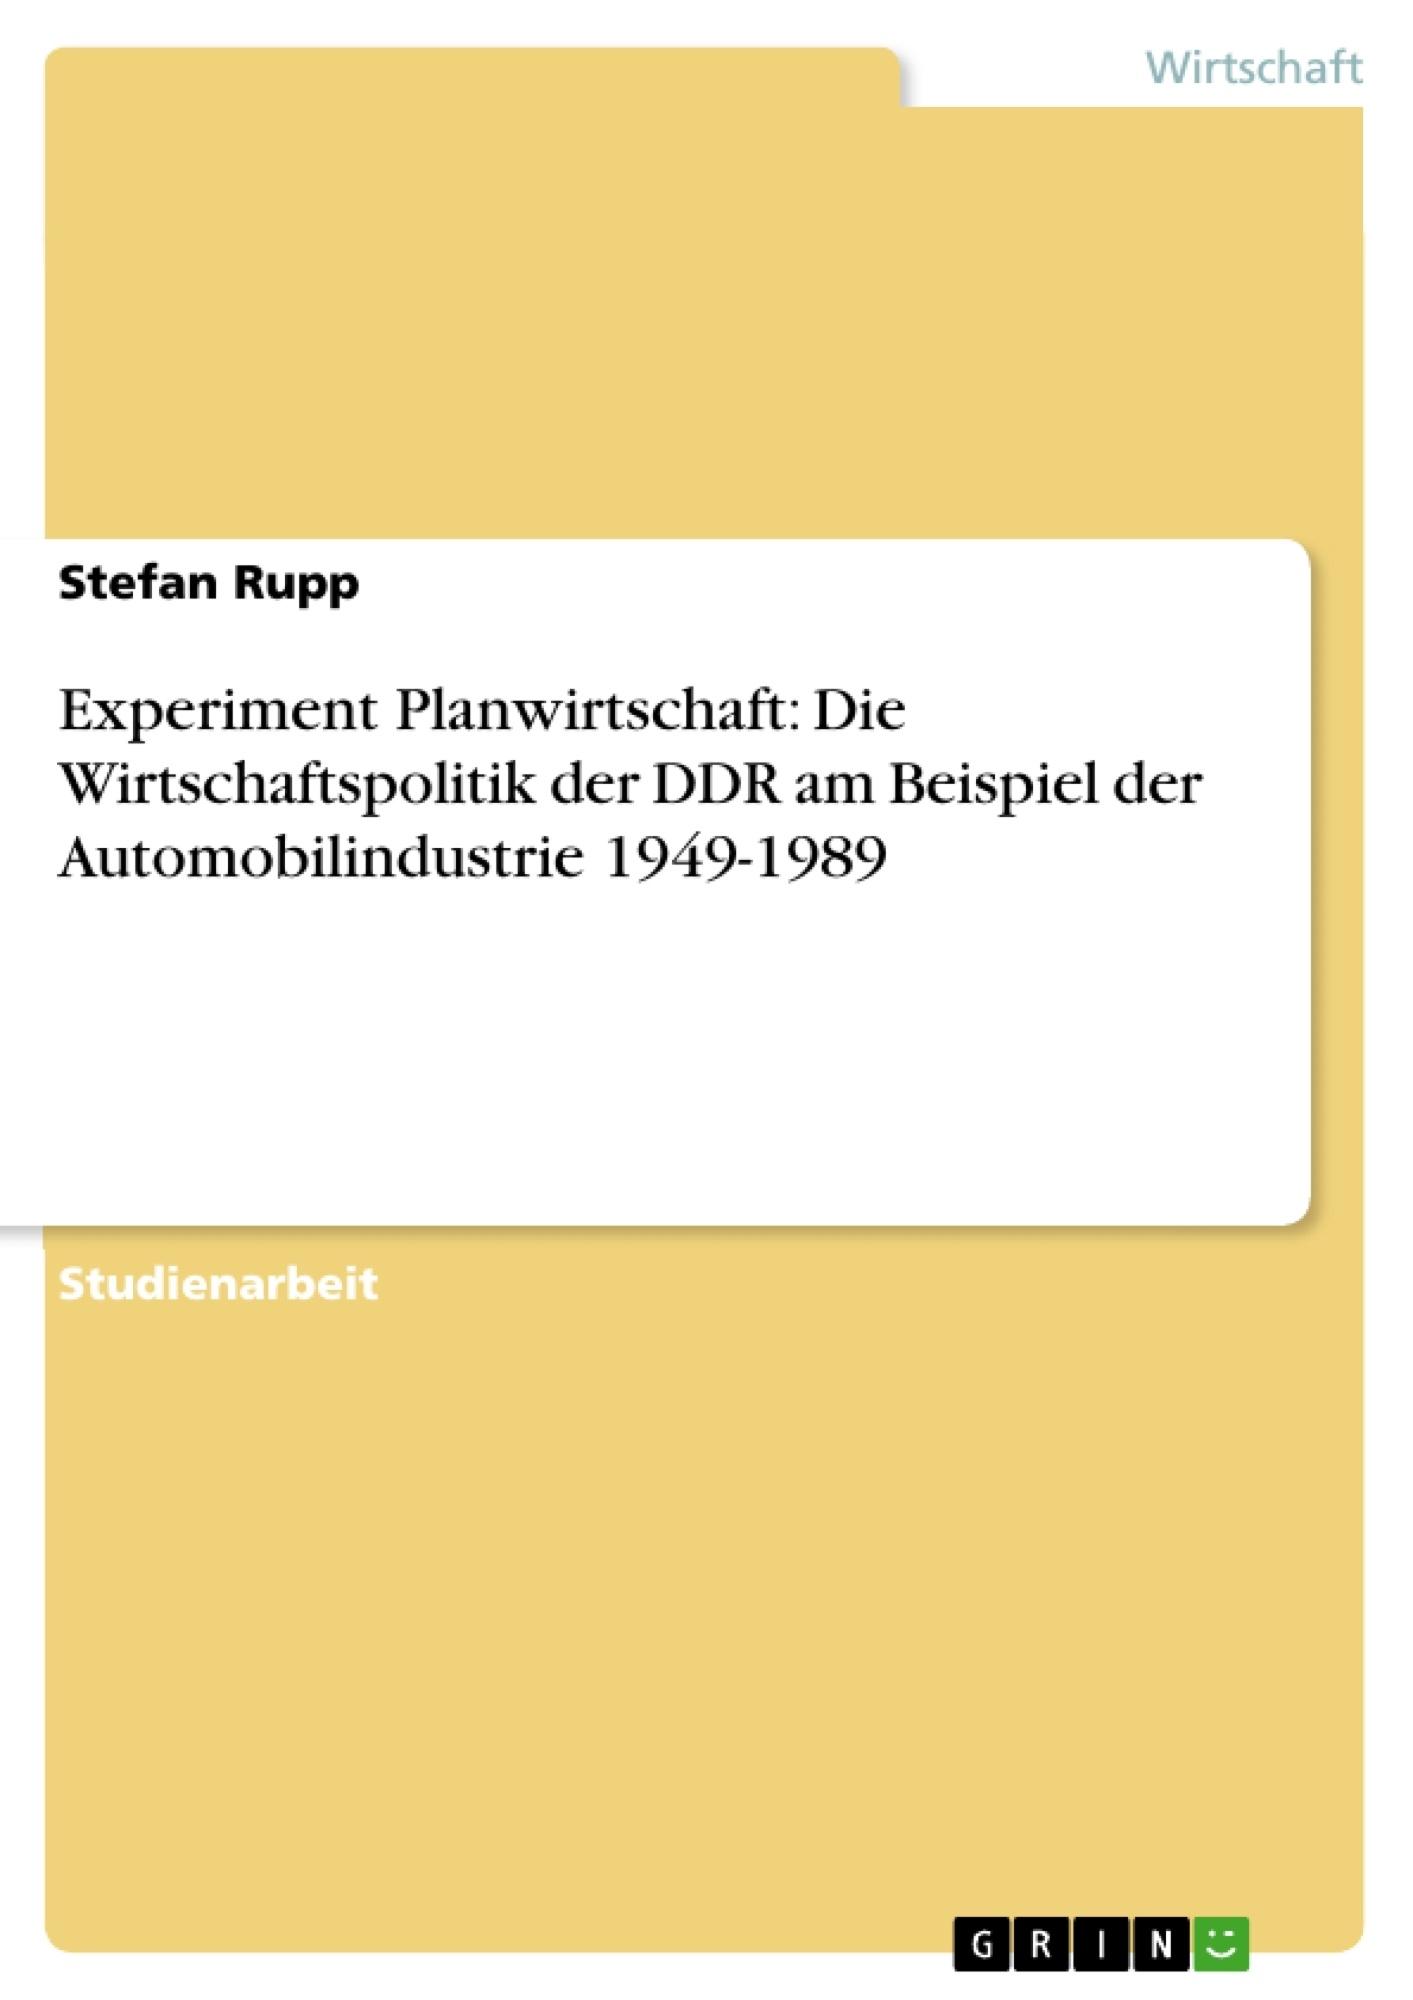 Titel: Experiment Planwirtschaft: Die Wirtschaftspolitik der DDR am Beispiel der Automobilindustrie 1949-1989